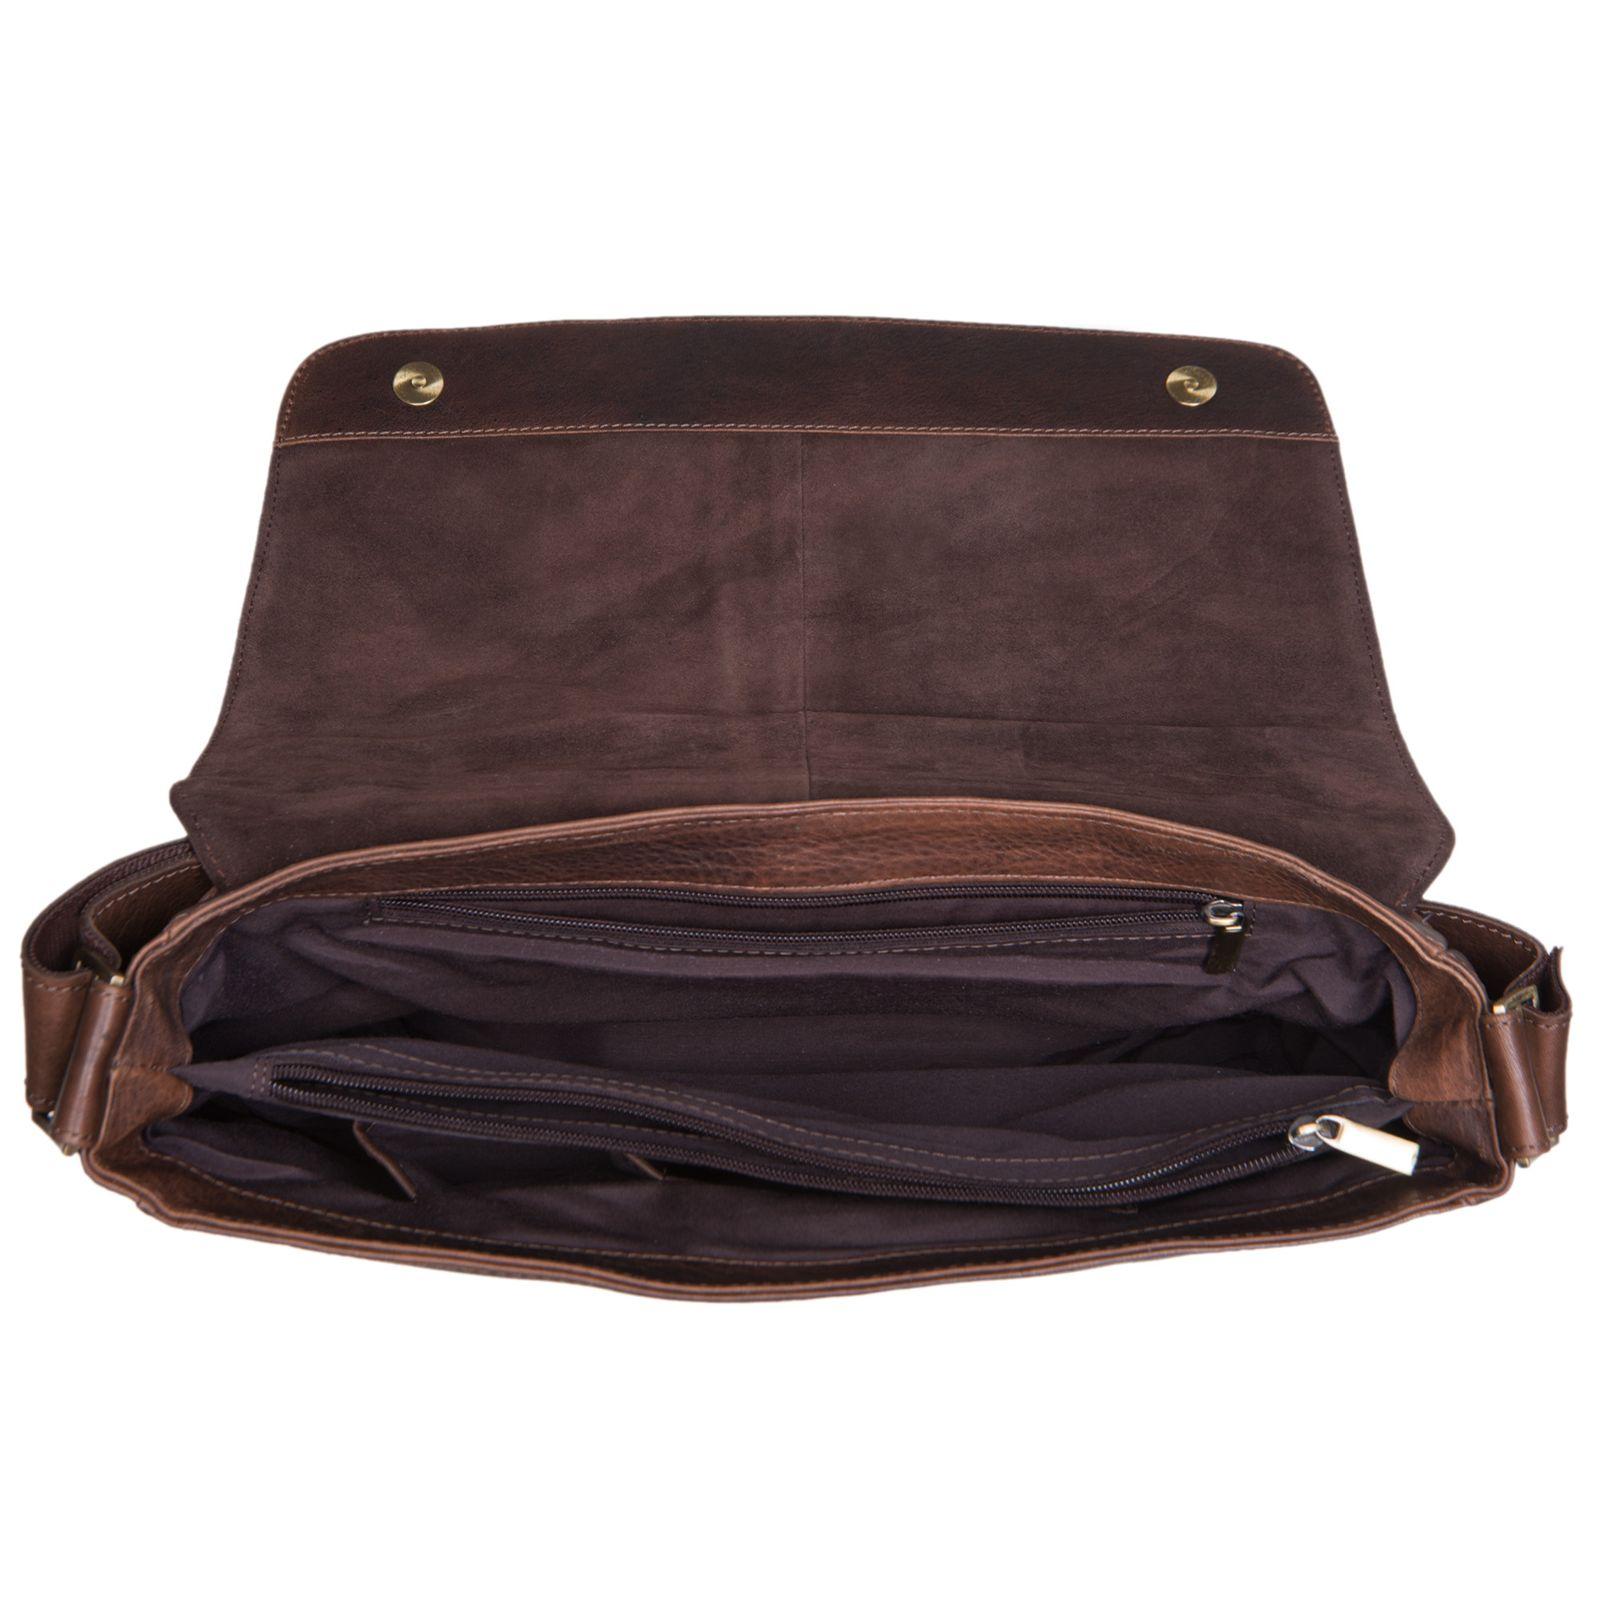 """STILORD """"Miro"""" Messenger Bag Leder Umhängetasche 14 Zoll Vintage Design für Herren Damen Uni Büro Arbeit Aktentasche DIN A4 Laptoptasche Echtleder - Bild 4"""